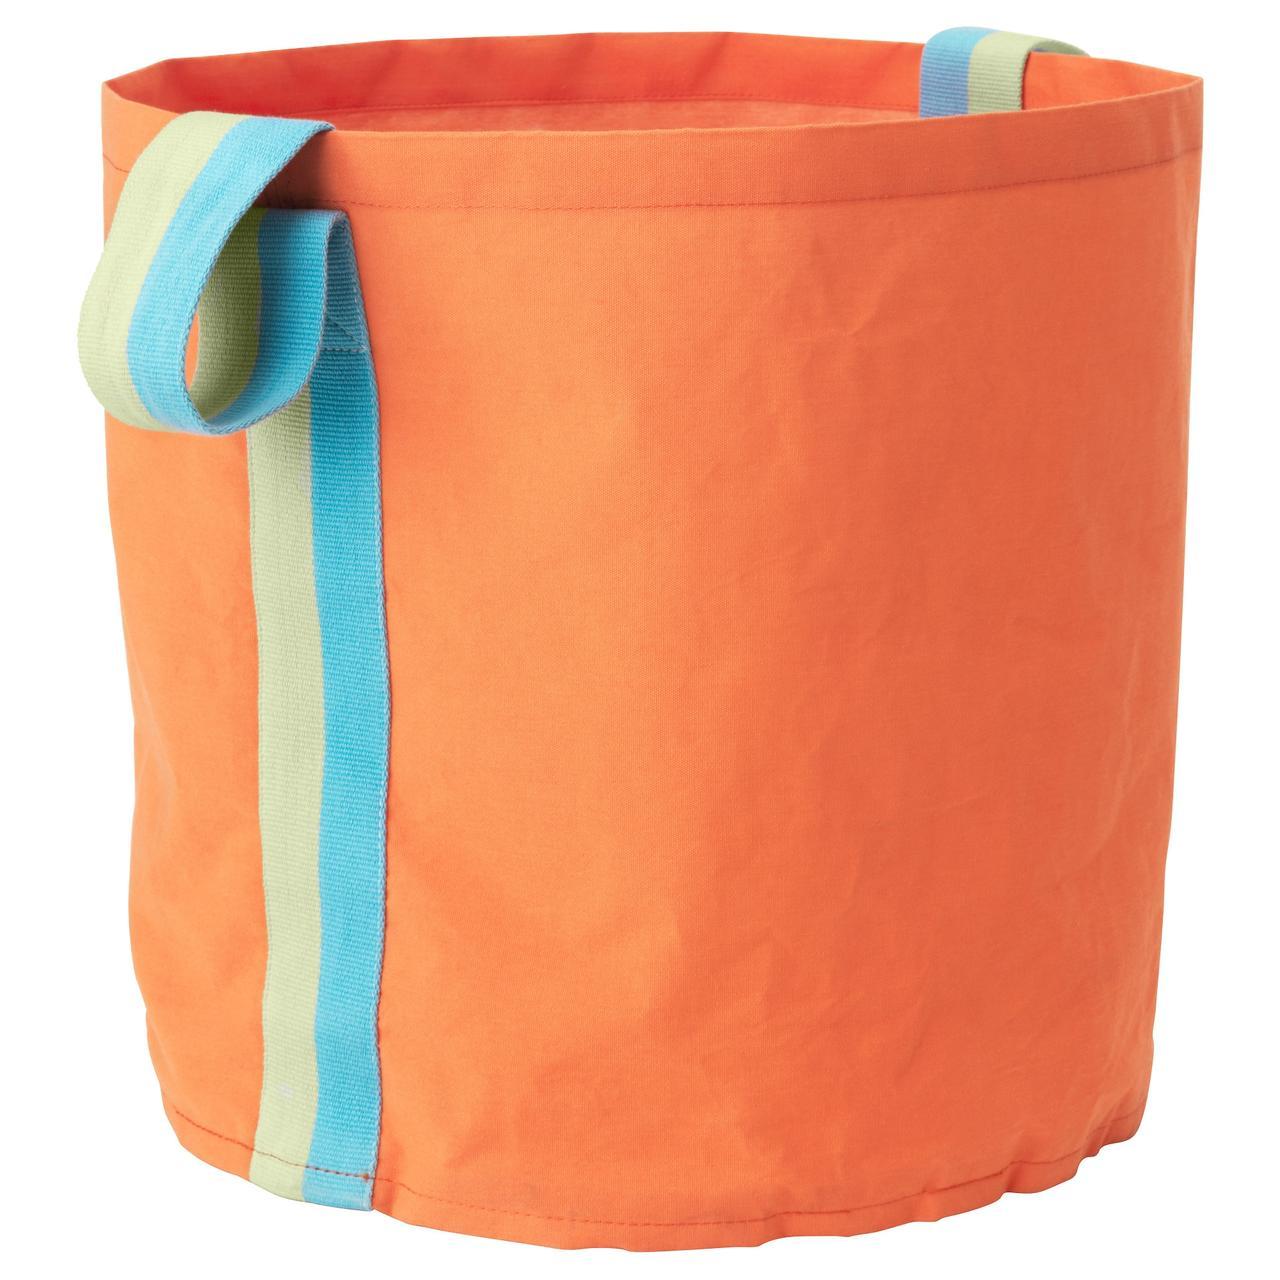 СЛЭКТИНГ Мешок, оранжевый